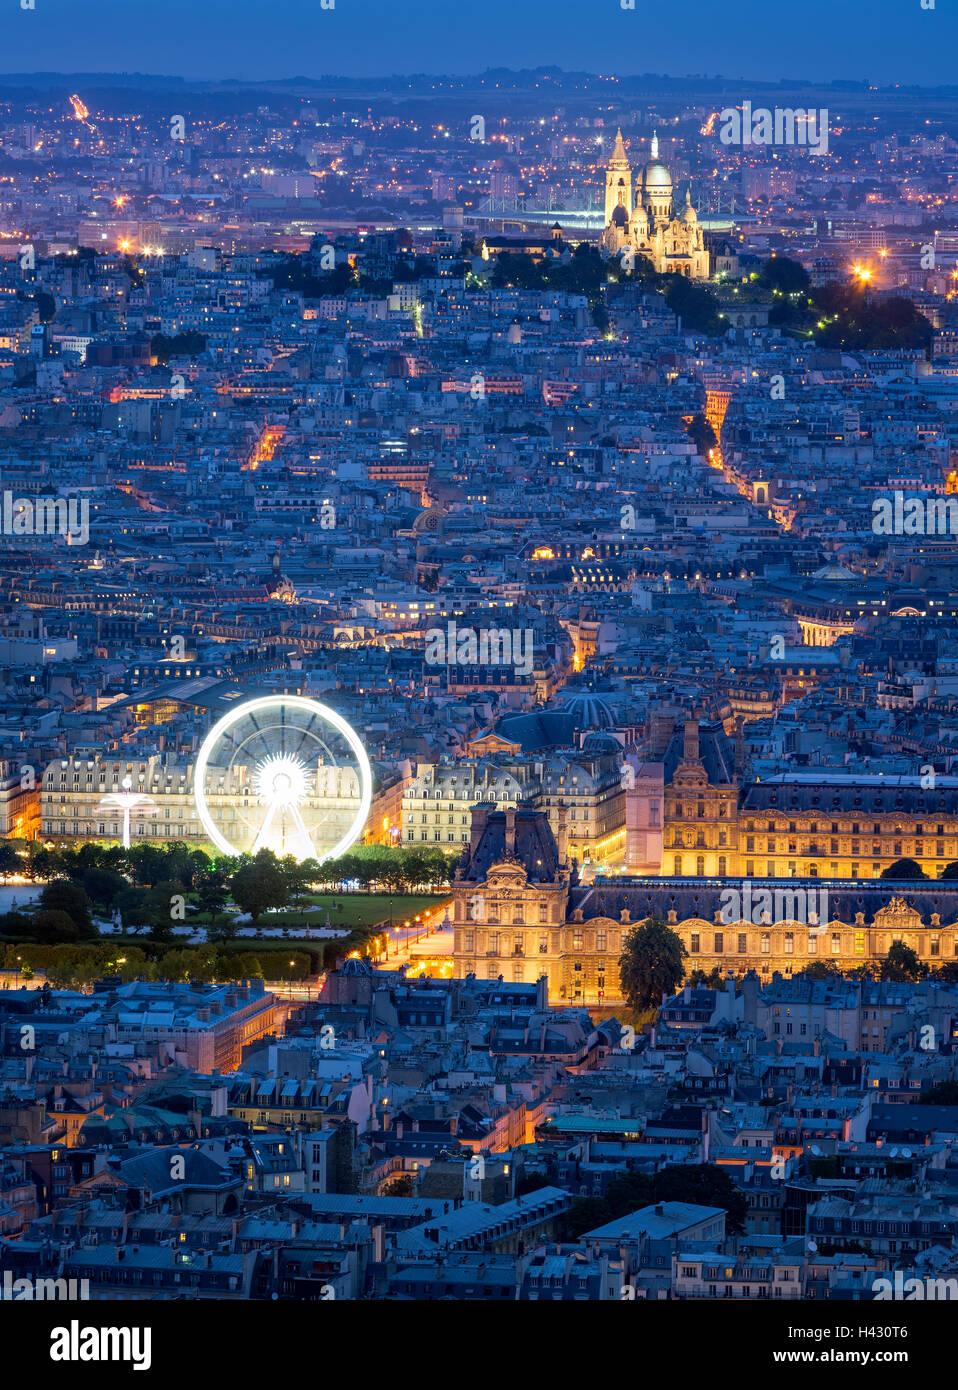 Vista aérea de los tejados de París al anochecer, incluido el Louvre, y Sacre Coeur de Montmartre. Hora Imagen De Stock